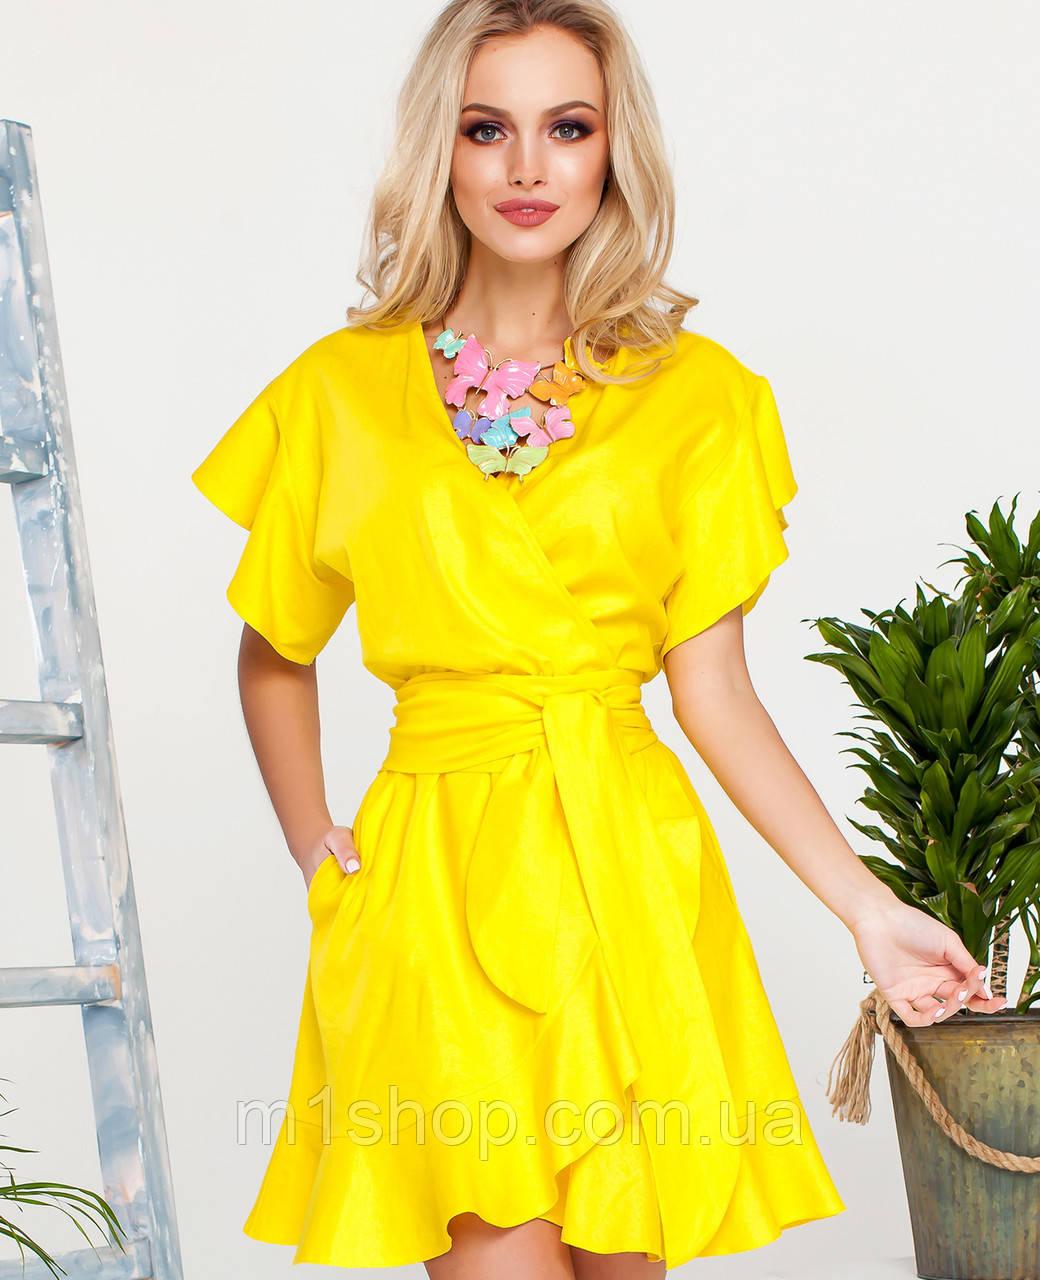 Женское льняное расклешенное платье (Нарциси jd)